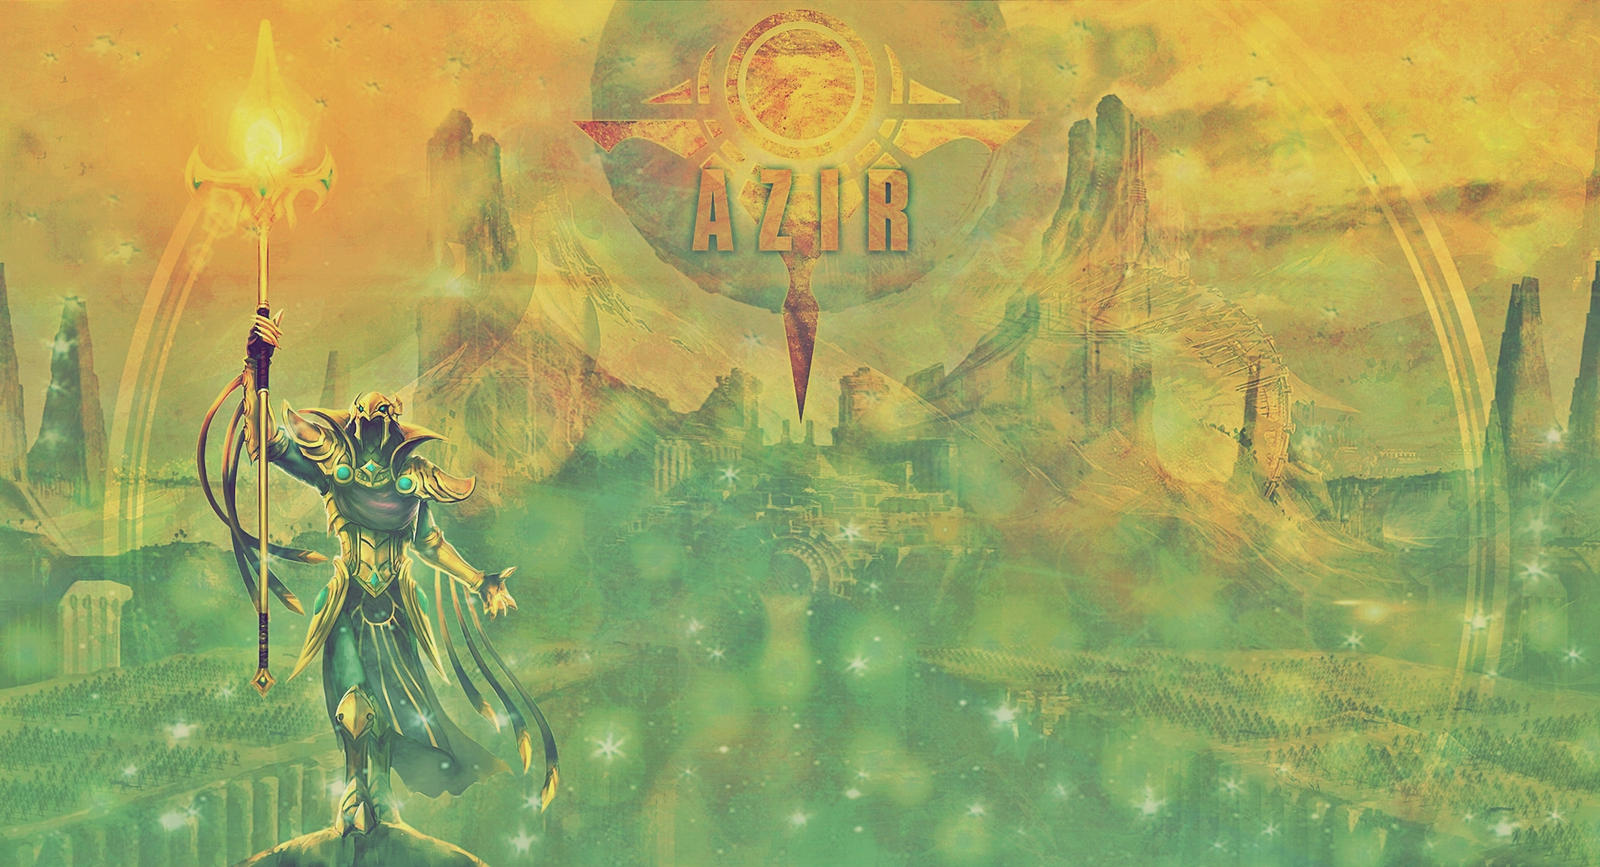 League Of Legends Azir Wallpaper By Popokupingupop90 On Deviantart